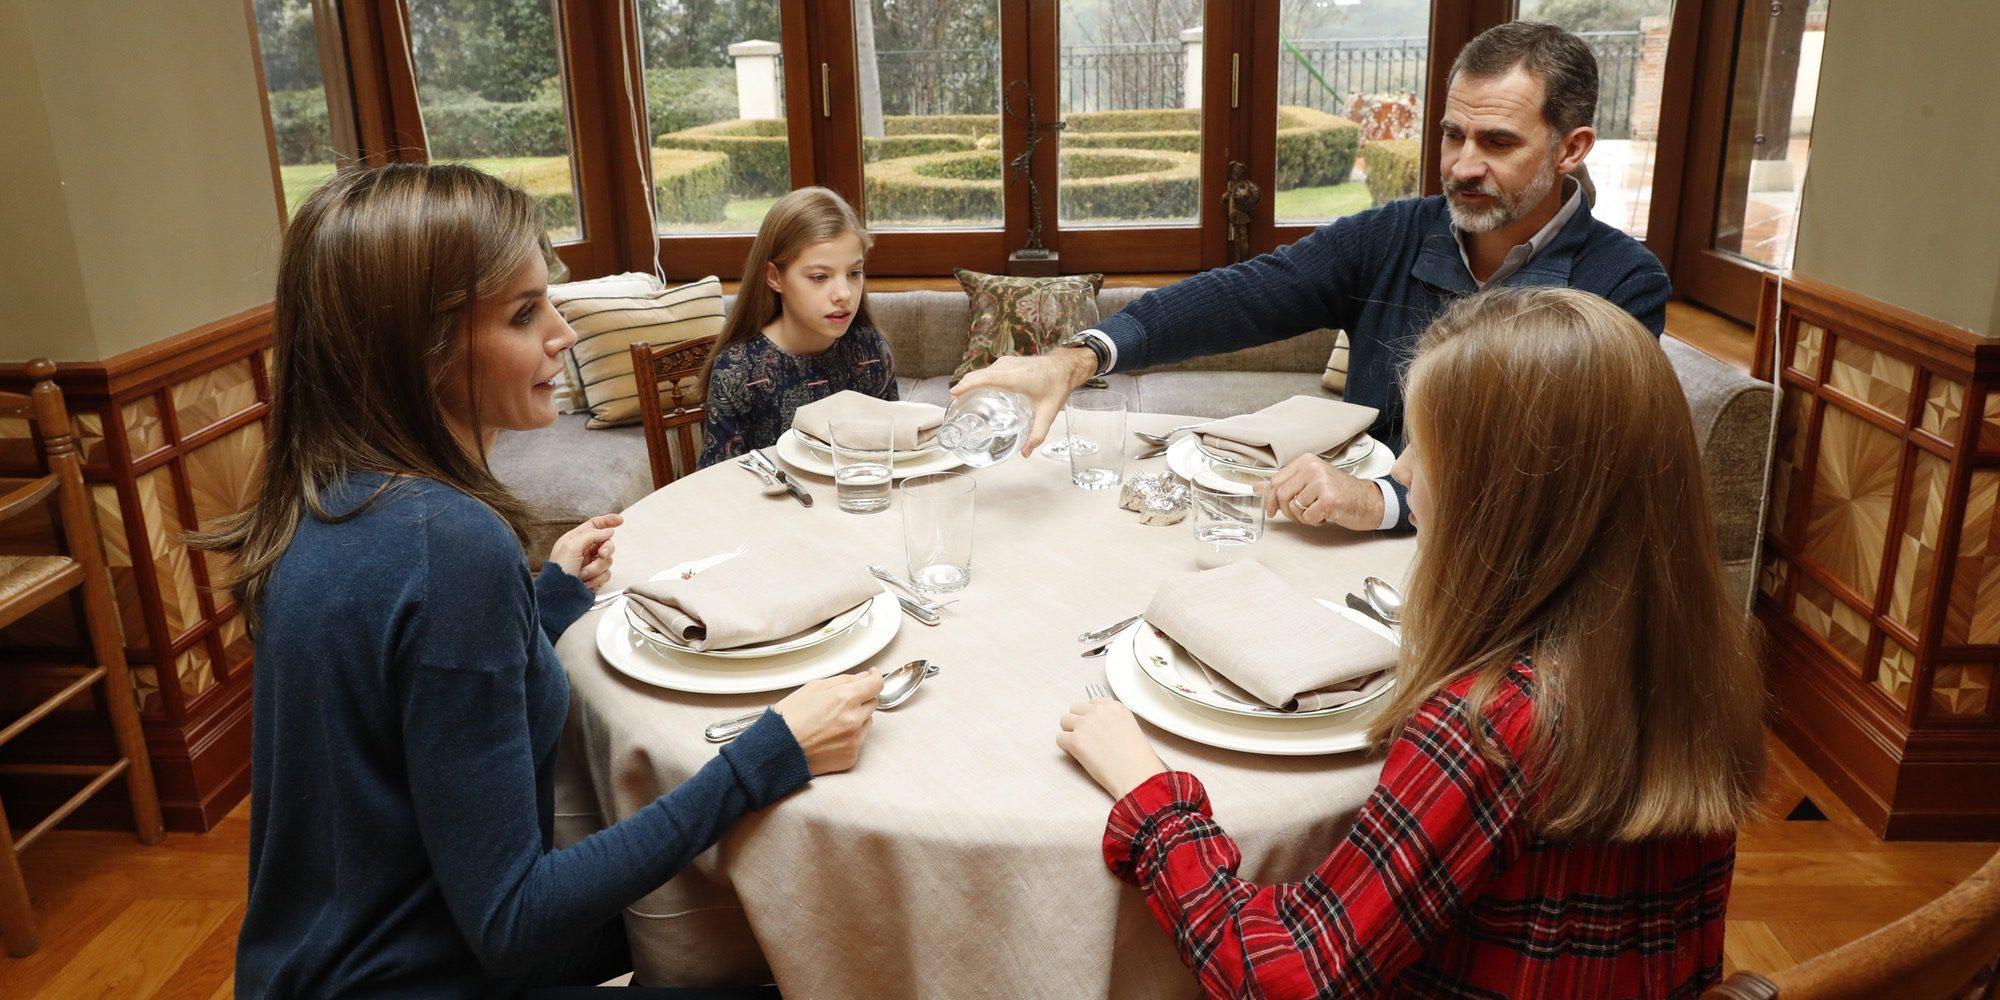 La Infanta Sofía, protagonista de memes y chistes por sus caras en la comida con los Reyes y la Princesa Leonor